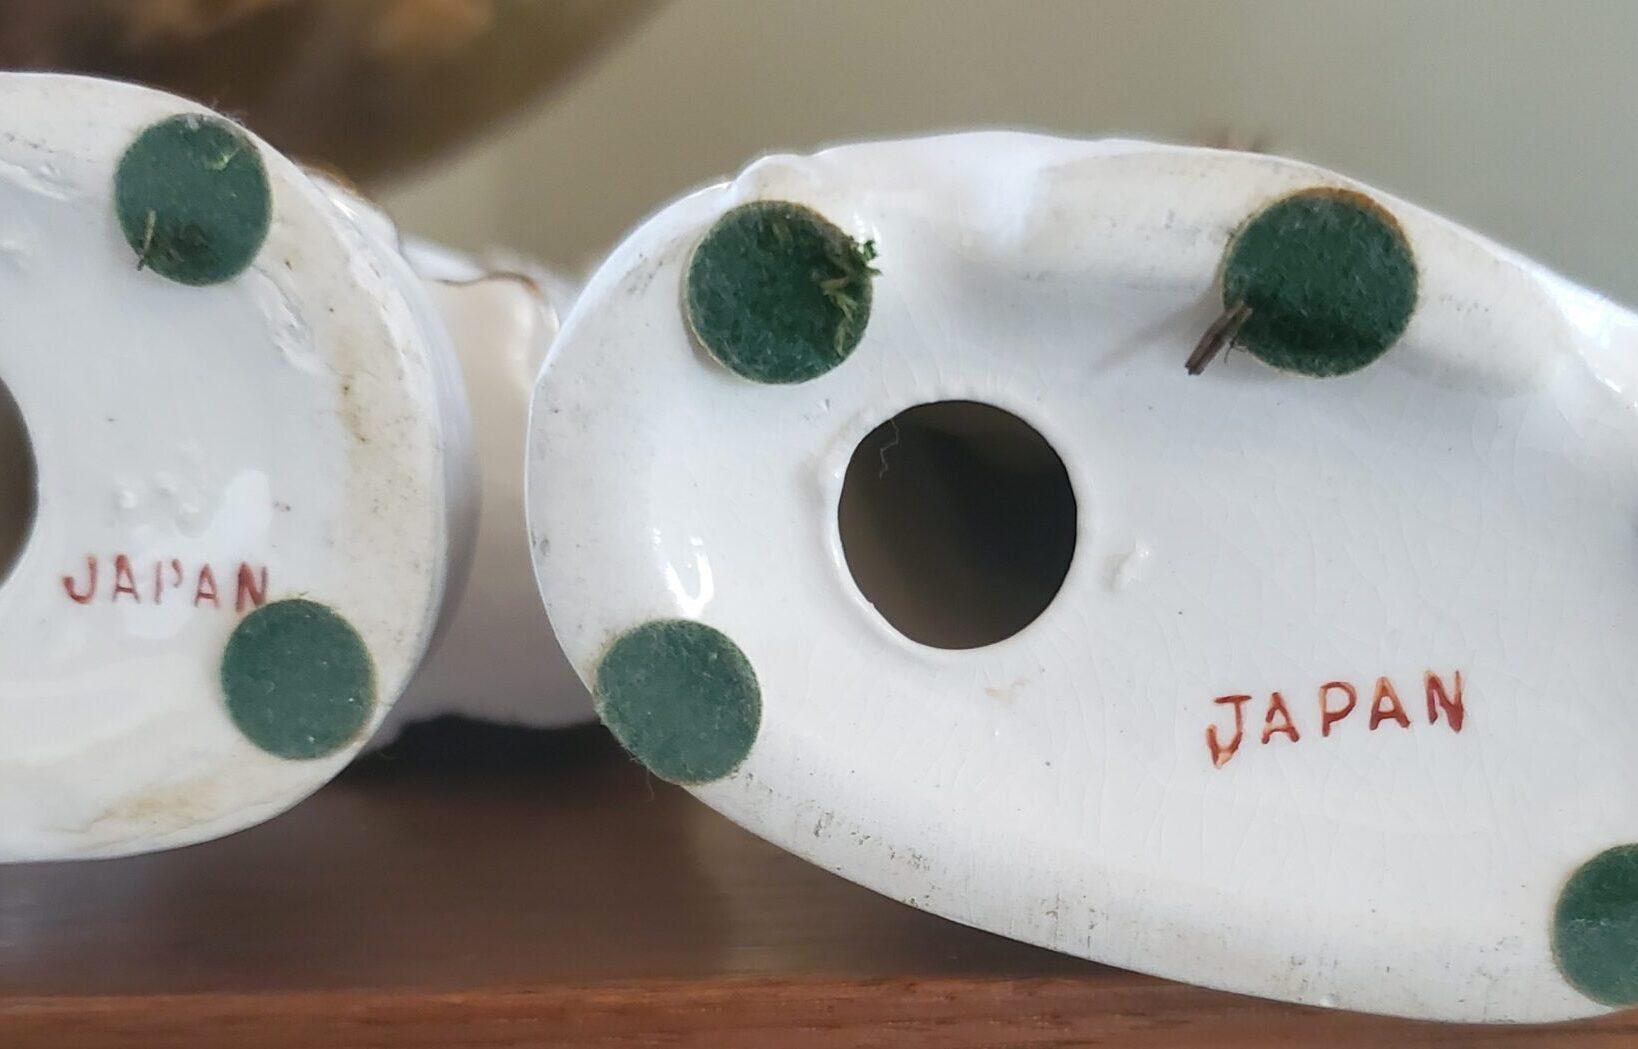 vintage Japan marking on the bottom of porcelain figures